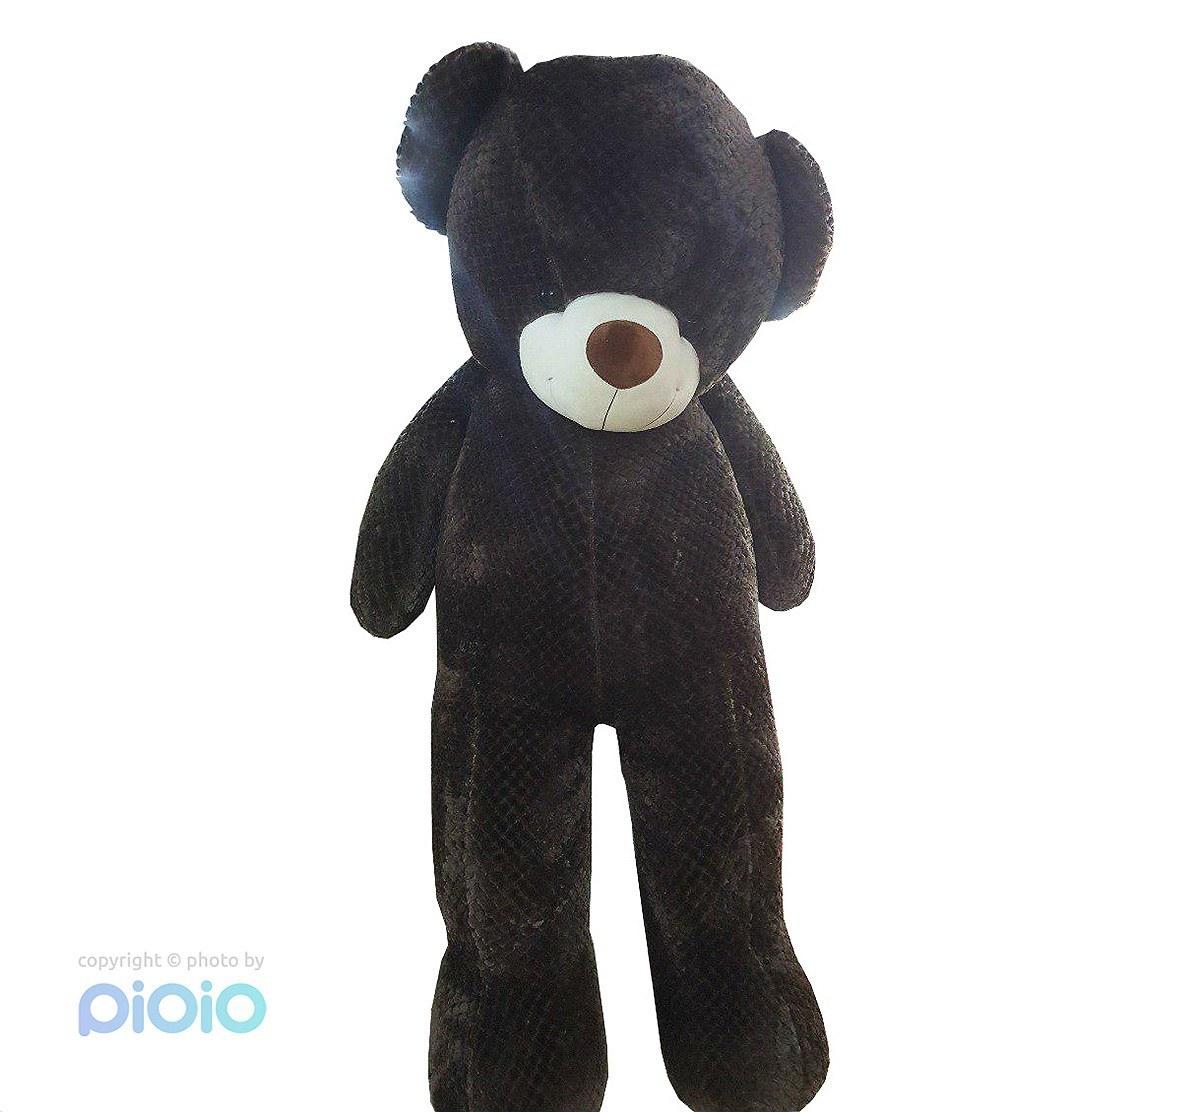 عروسک خرس دو متری بزرگ پولیشی خارجی |